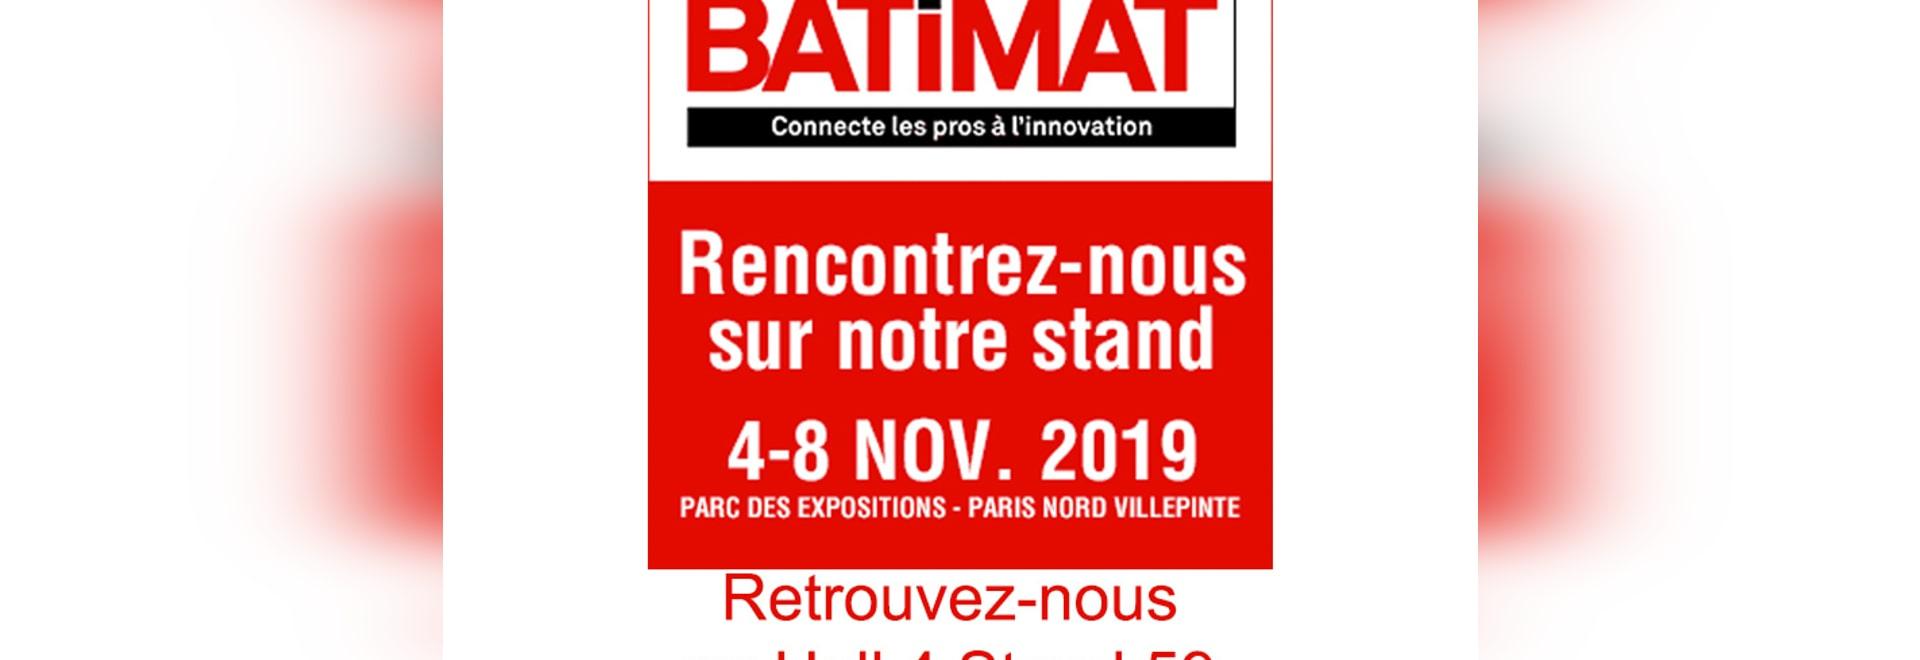 Salon BATIMAT 2019 à Villepinte Paris Hall 4 E59